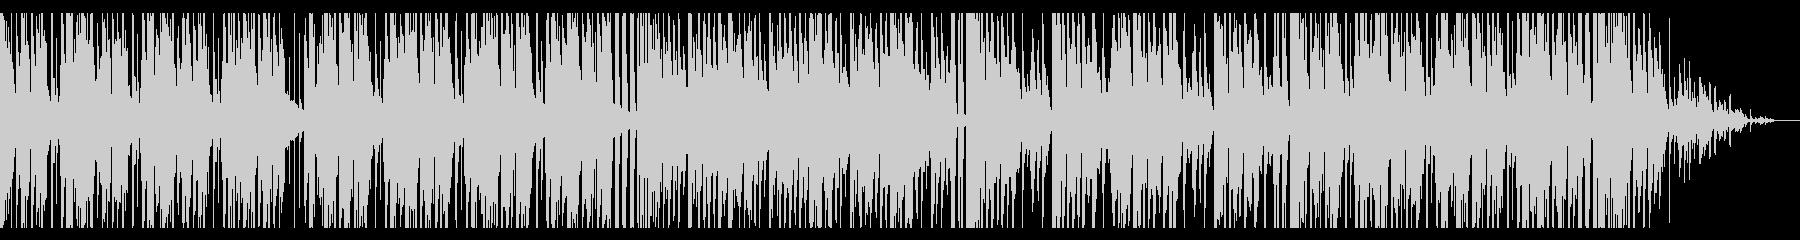 青/海/エレクトロ_No407_3の未再生の波形